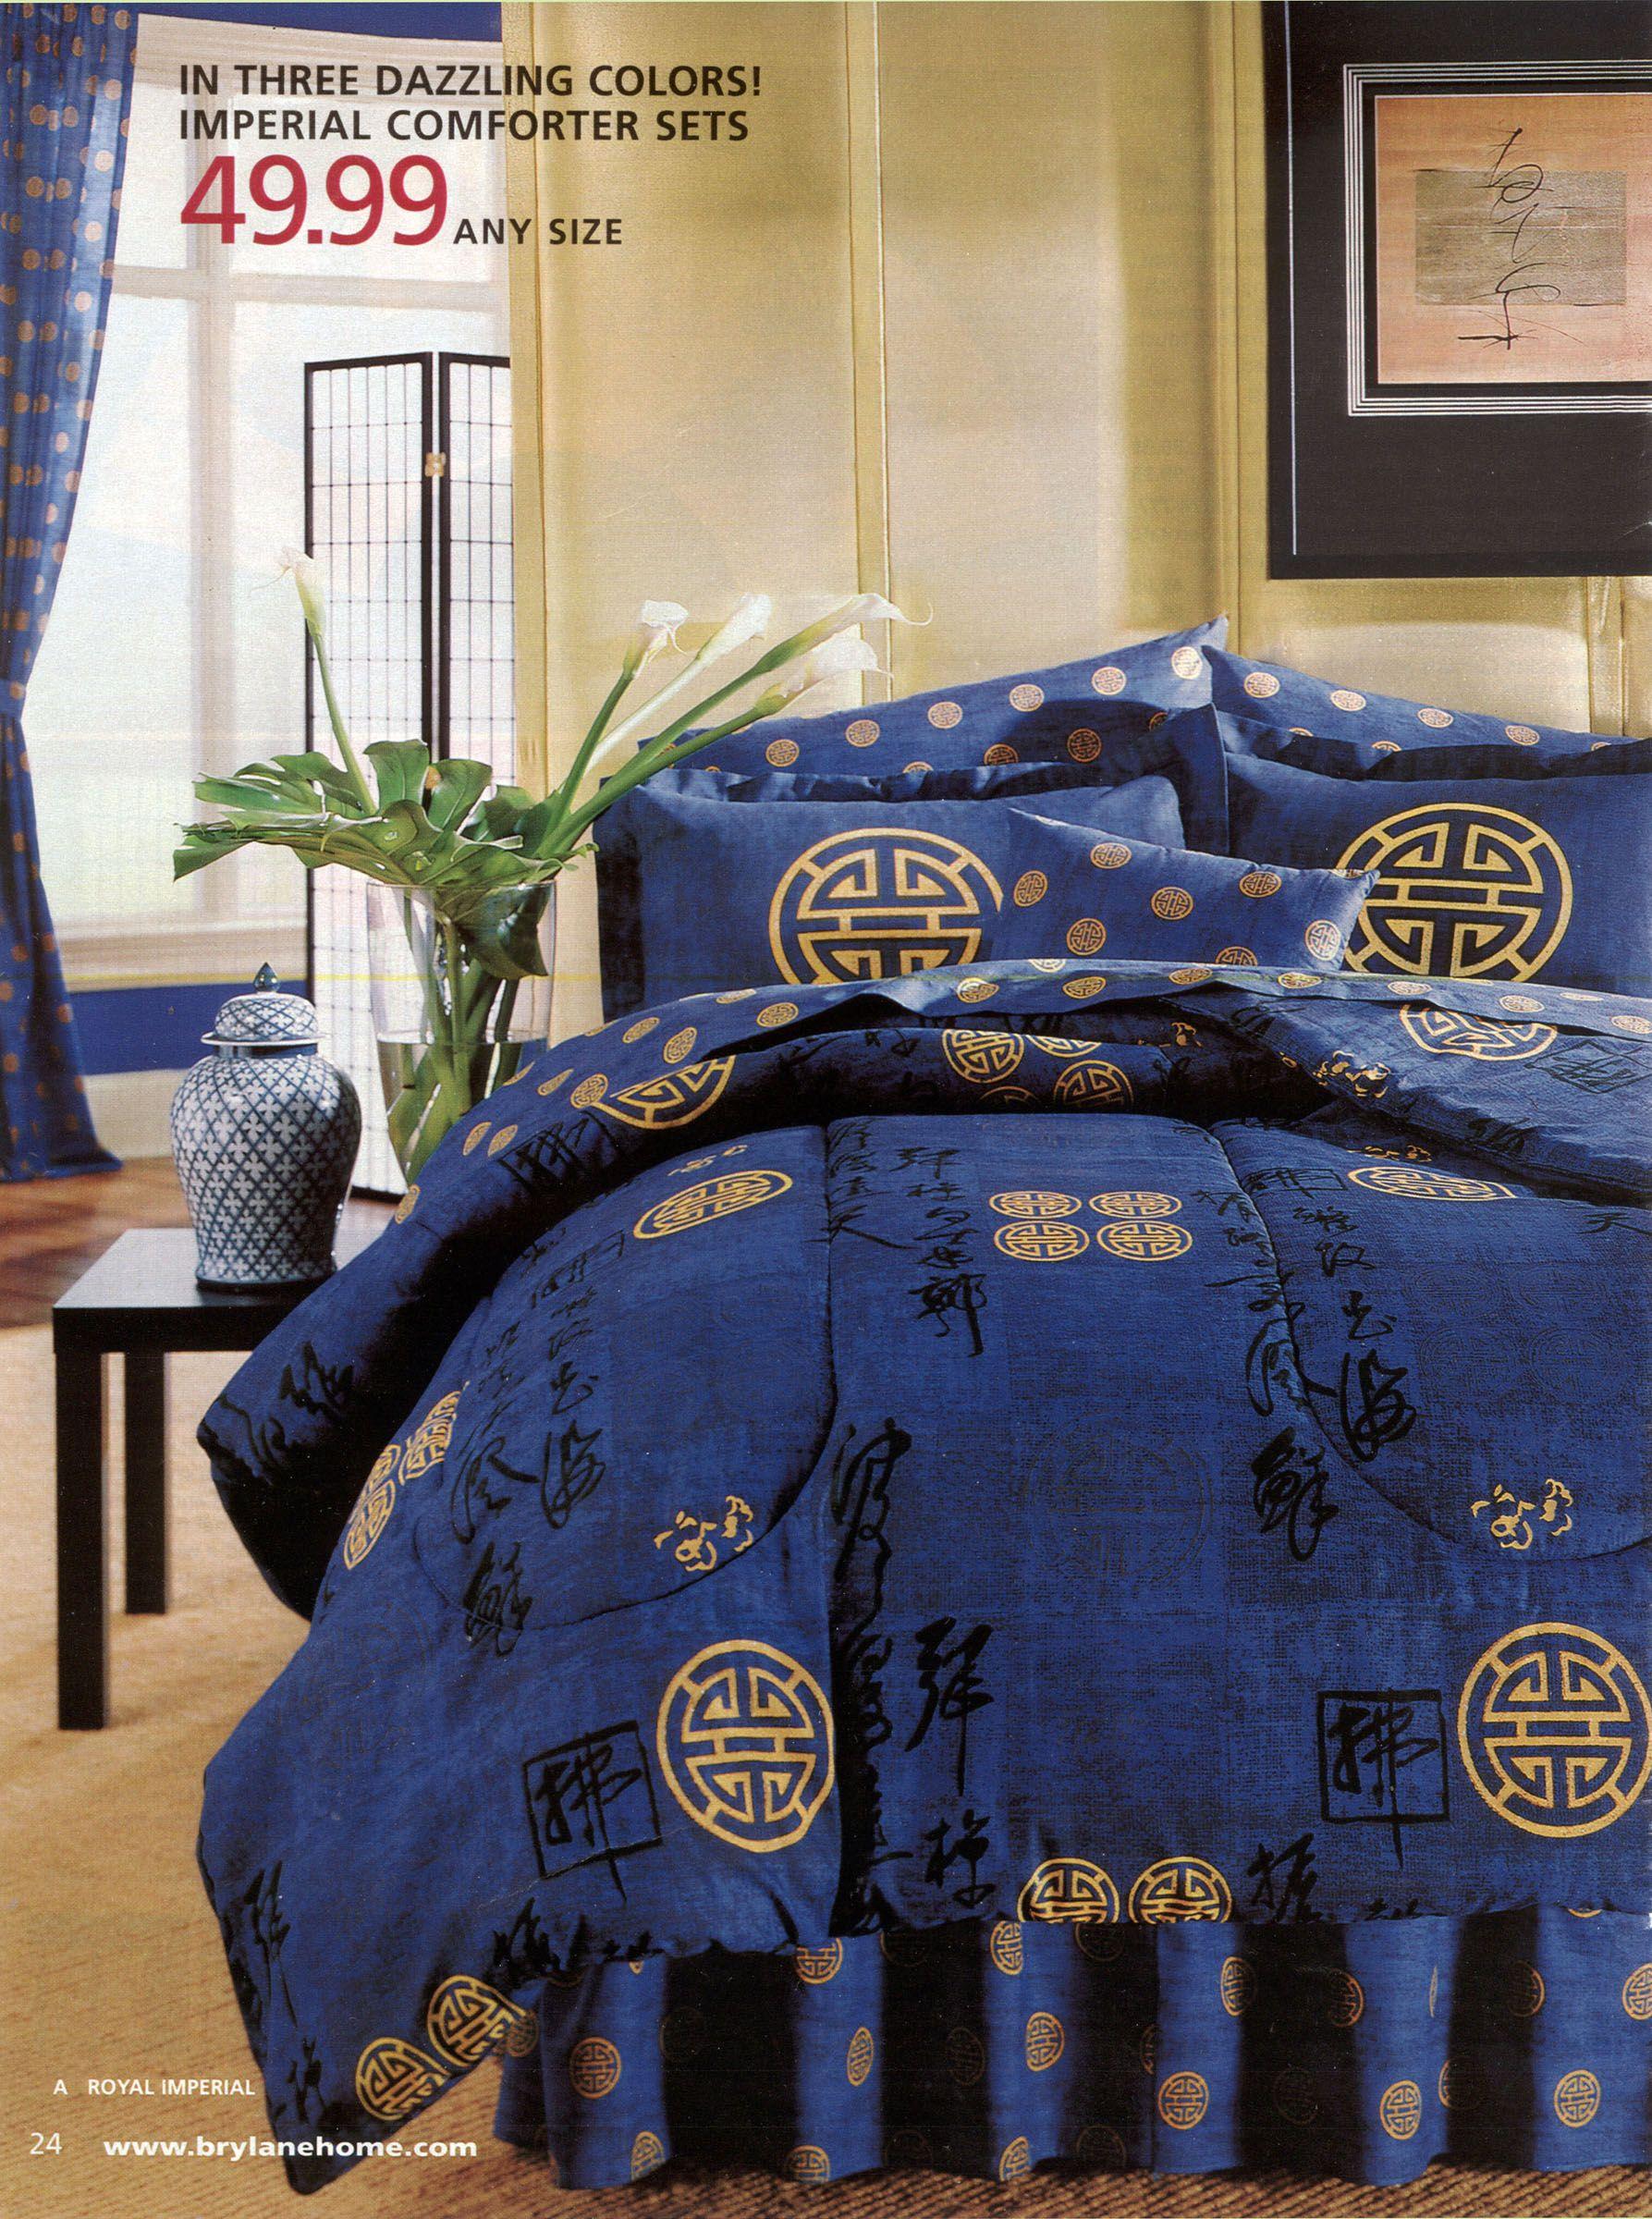 Royal Imperial Comforter Set Brylane Home Sets Comforters Bed